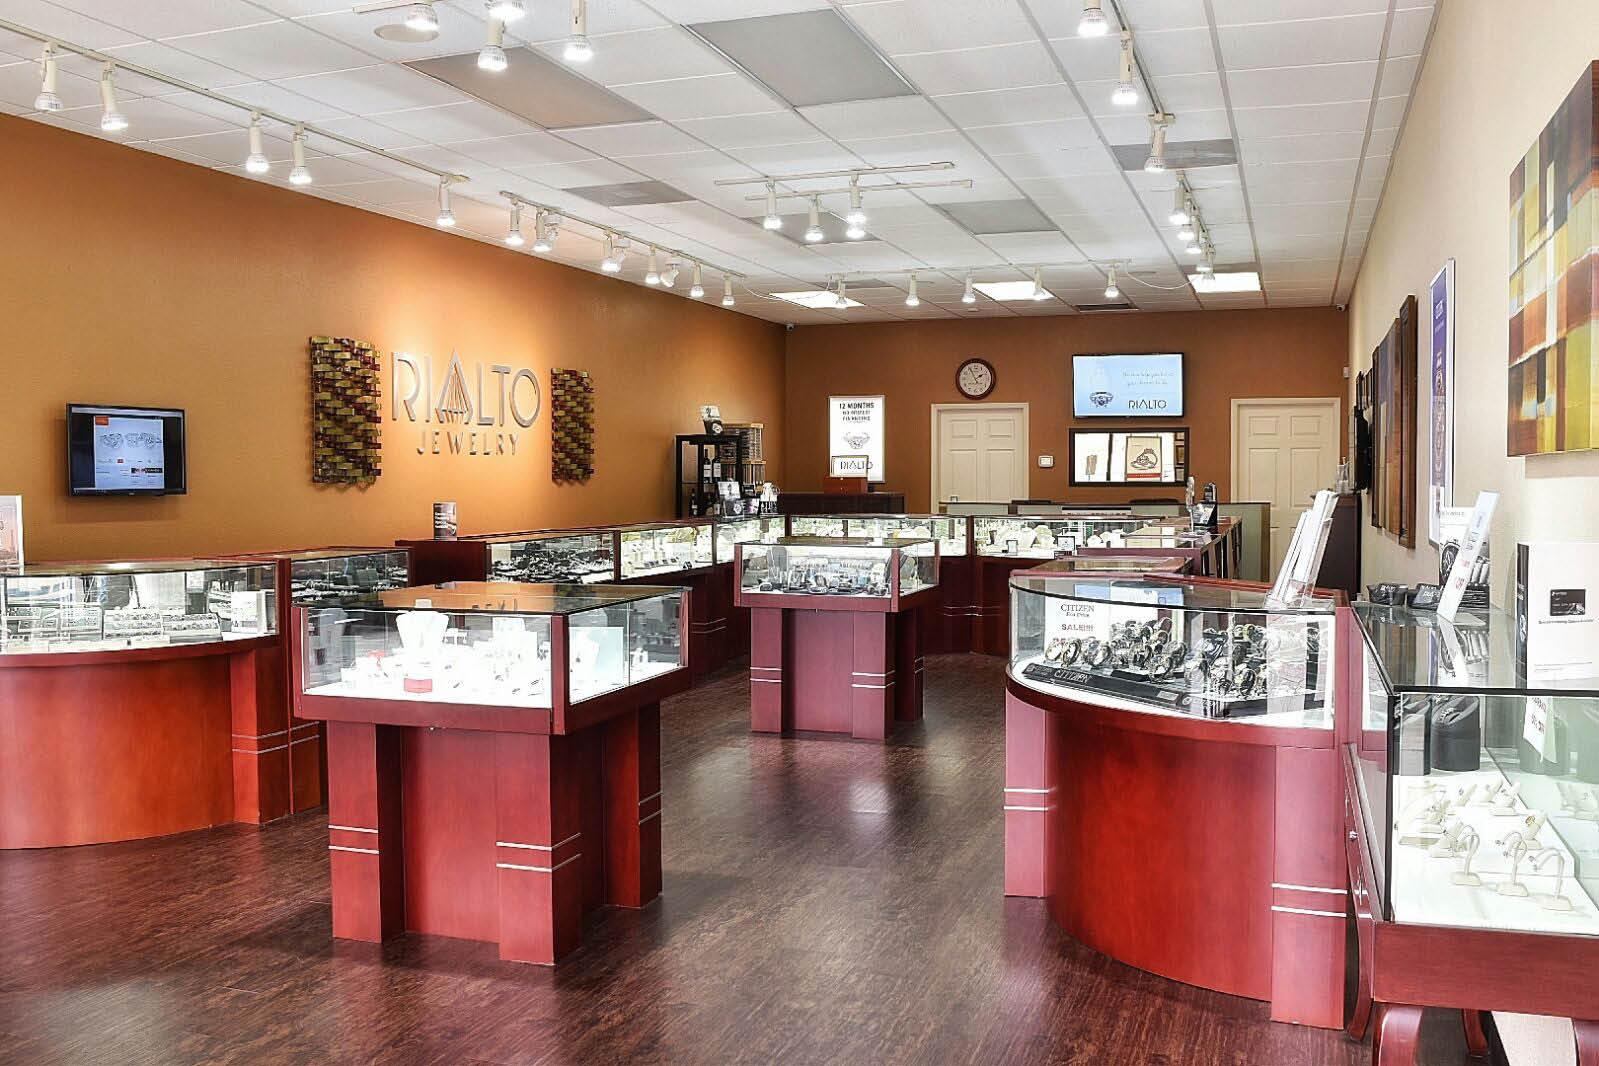 Rialto Jewelry Store Photo